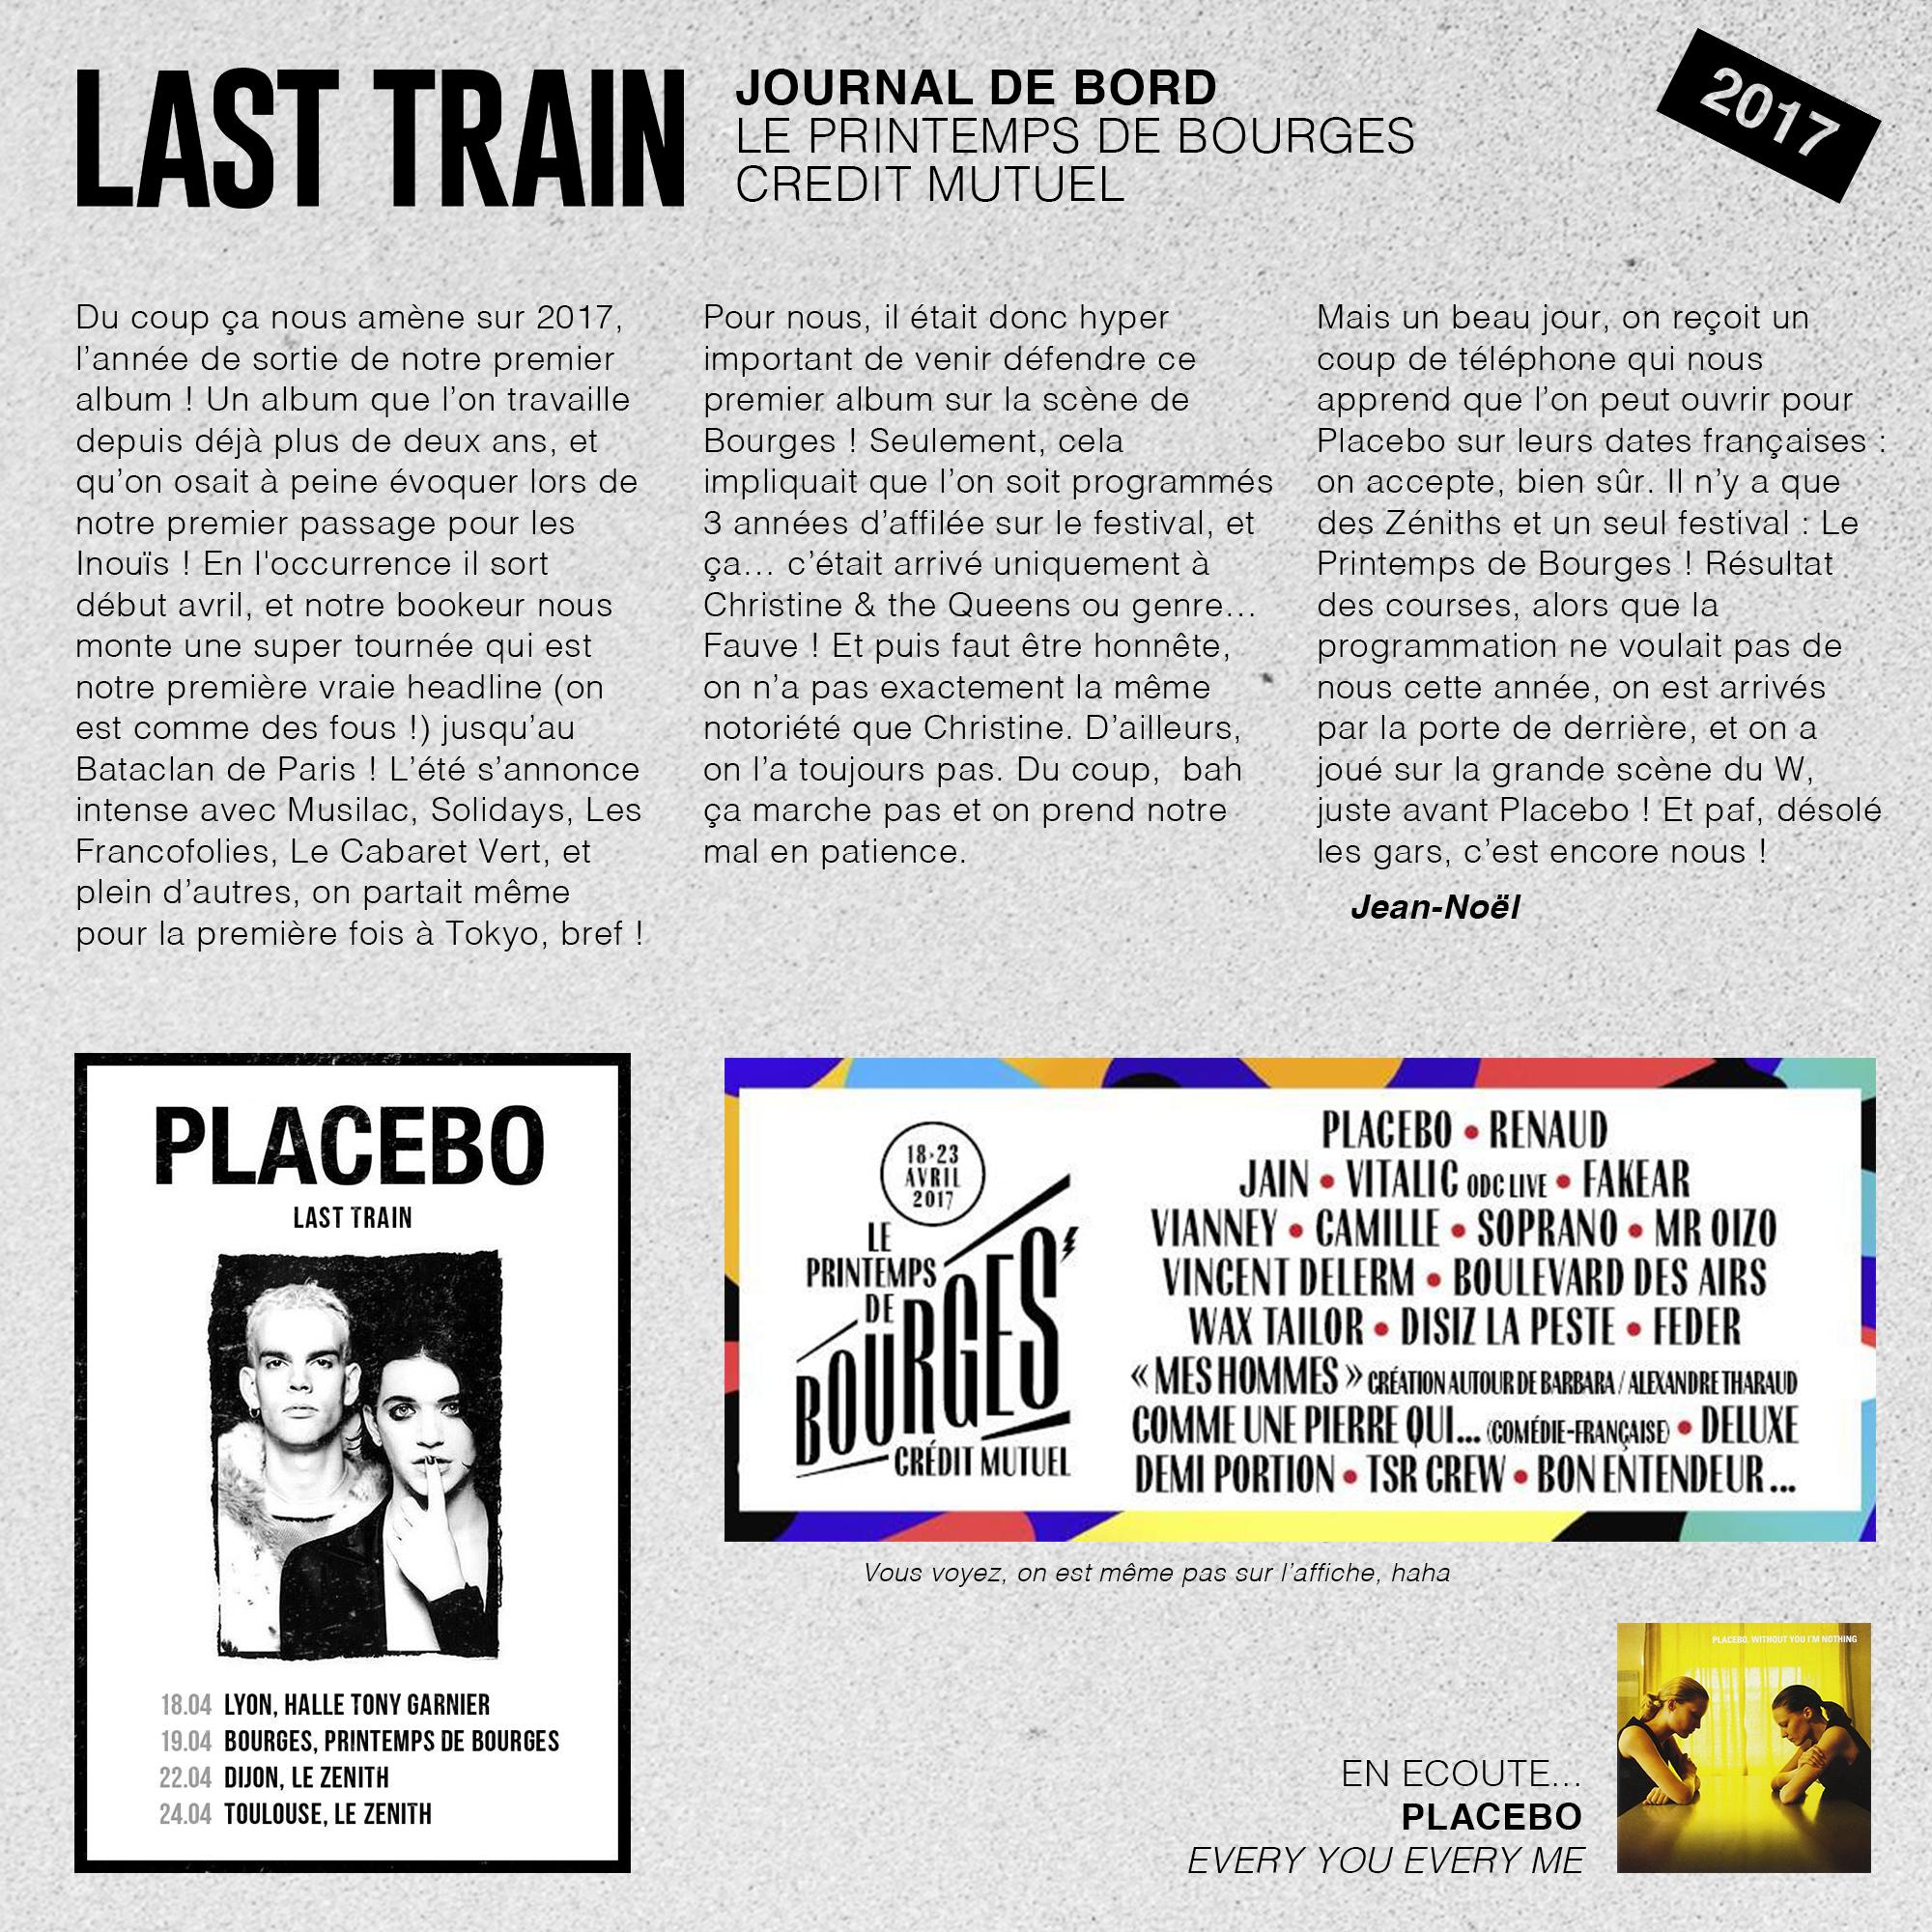 PDB LAST TRAIN 2017